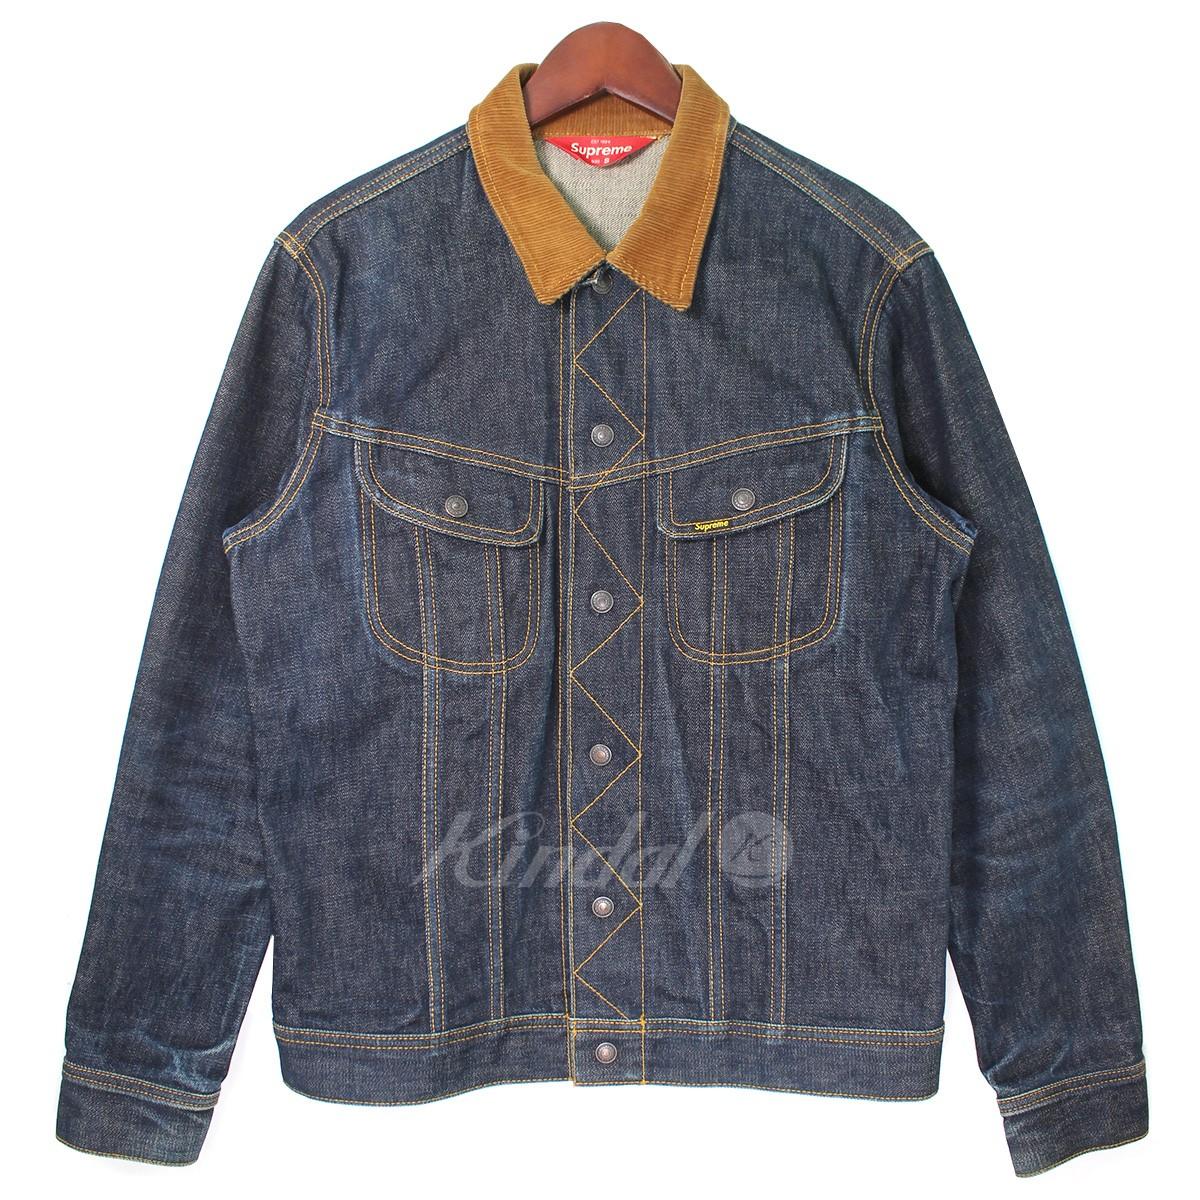 【中古】SUPREME 10AW Snap Front Denim Jacket ロゴデニムジャケット 【送料無料】 【001383】 【KIND1550】